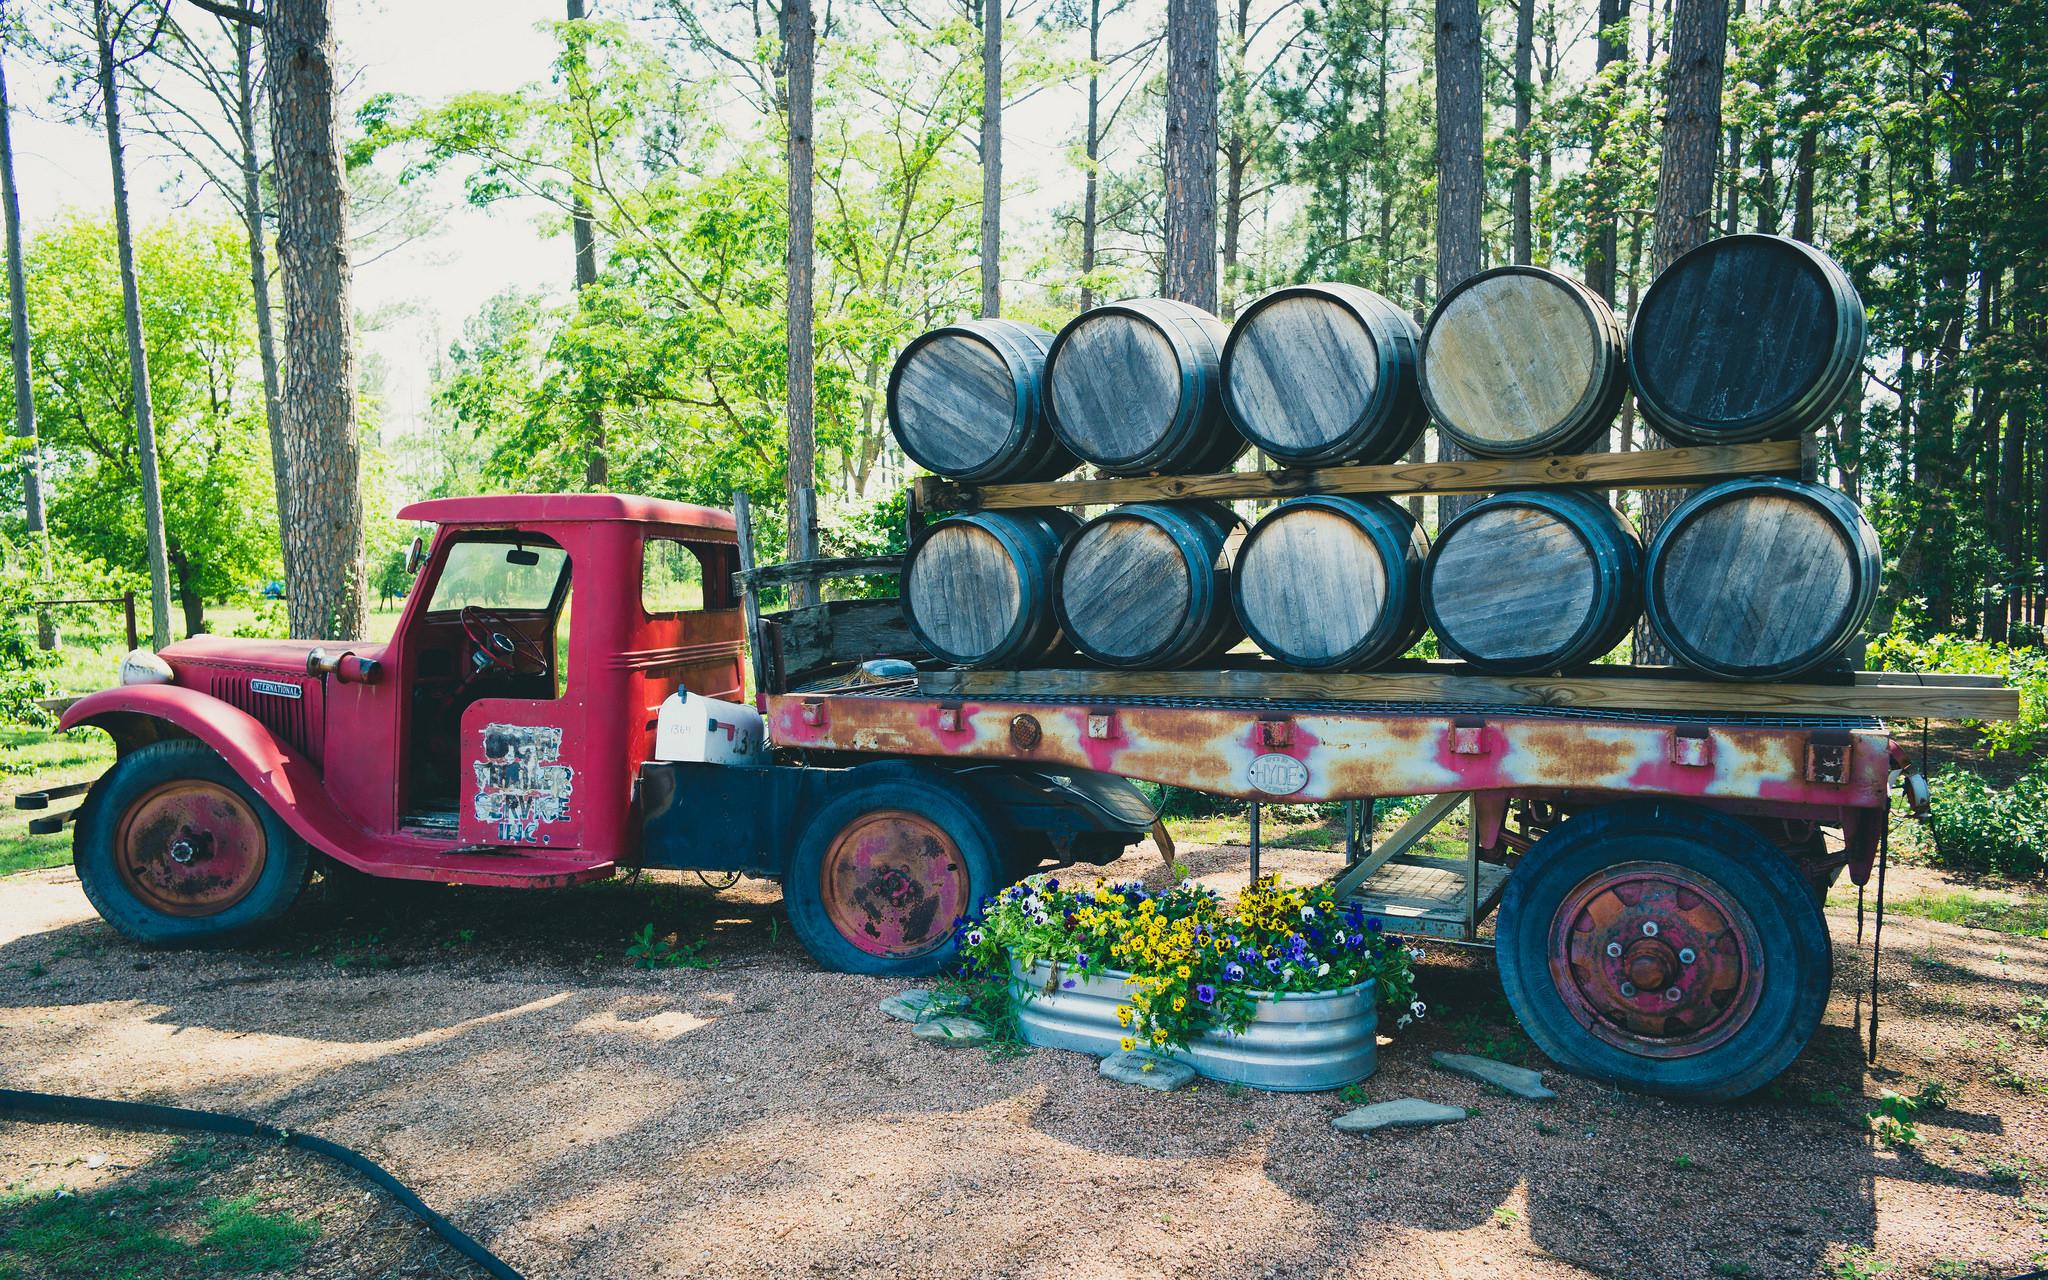 Fischer & Wieser Fredericksburg Das Peach Haus Truck   © Nan Palmero / Flickr